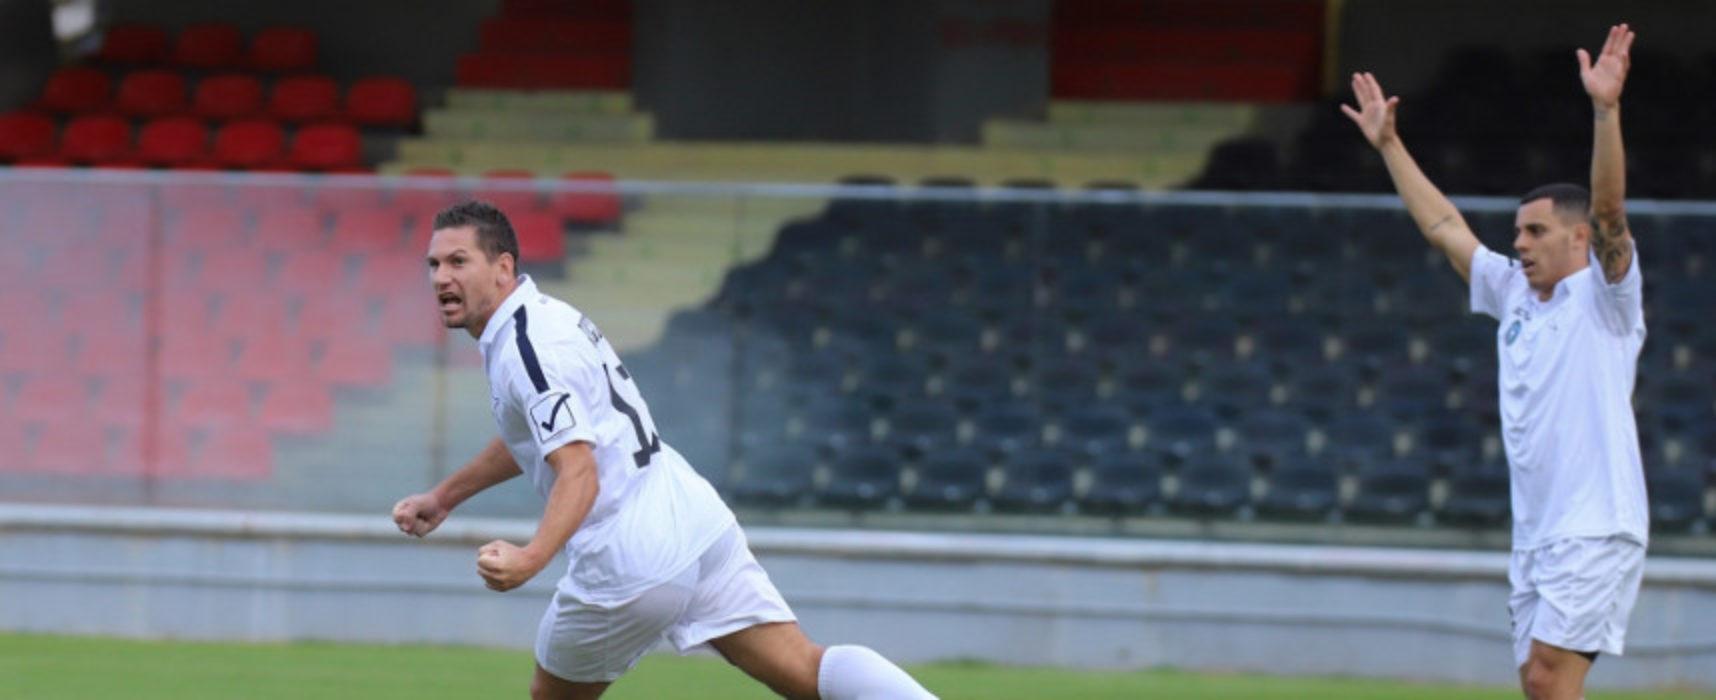 """Bisceglie Calcio, Rocco: """"Scendere in campo con tanta fame e voglia di vincere"""""""